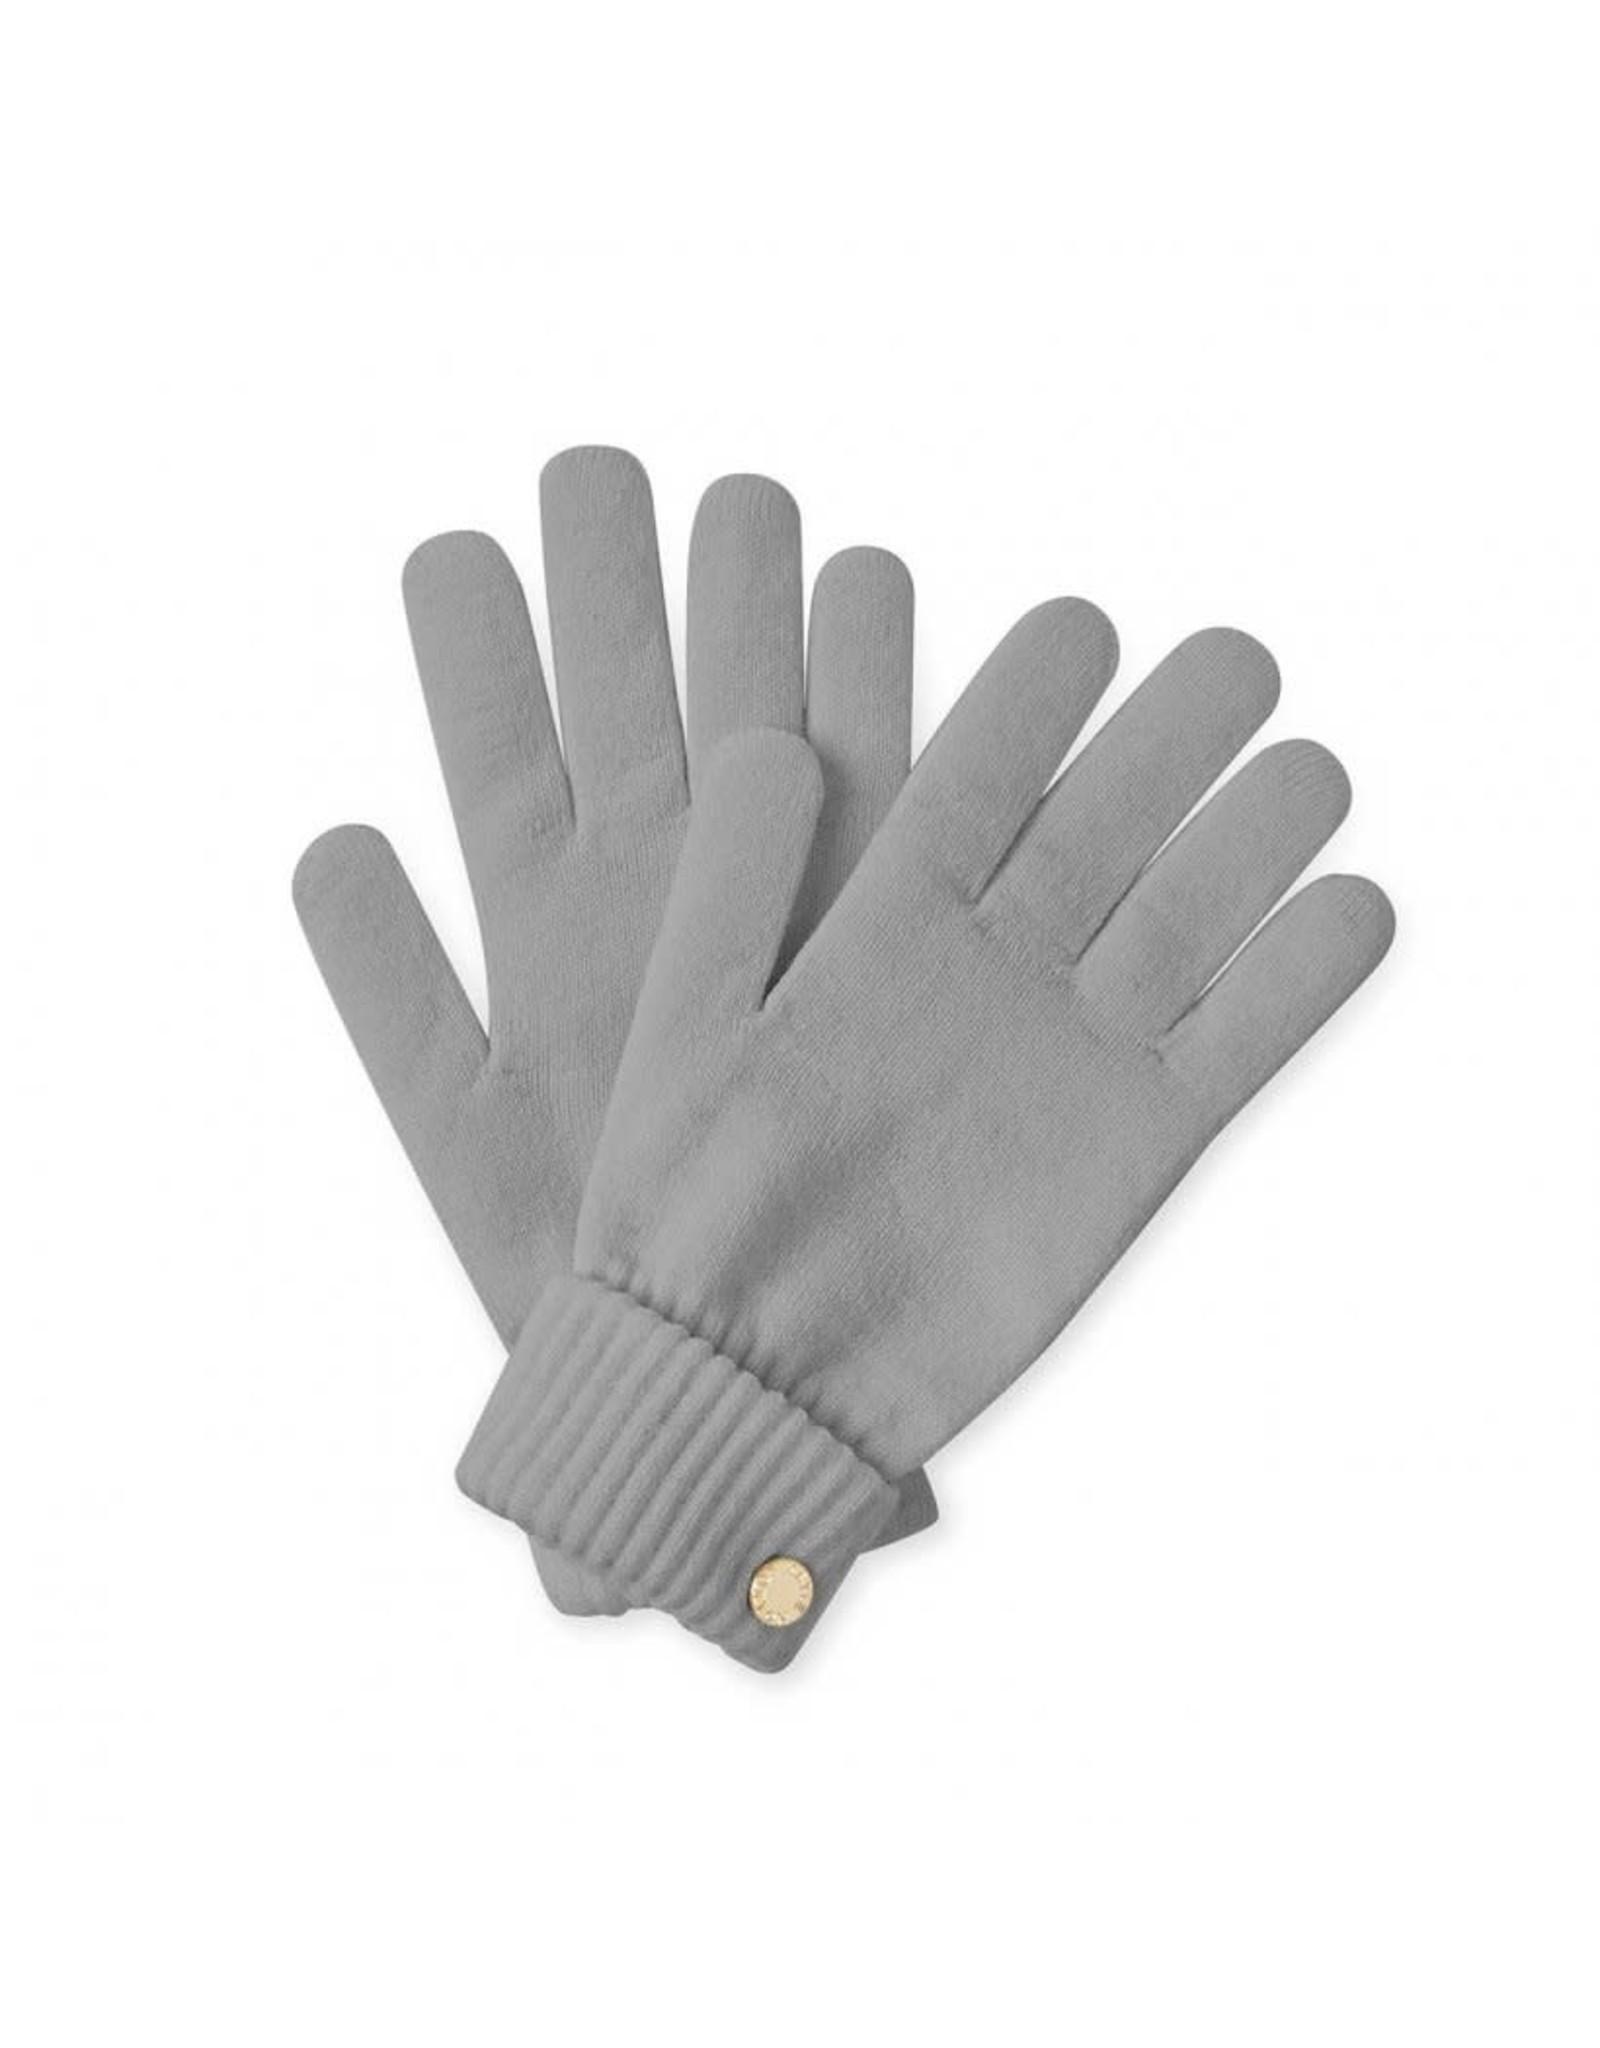 Katie Loxton Muts & Handschoenen - Chunky Knit - Grijs